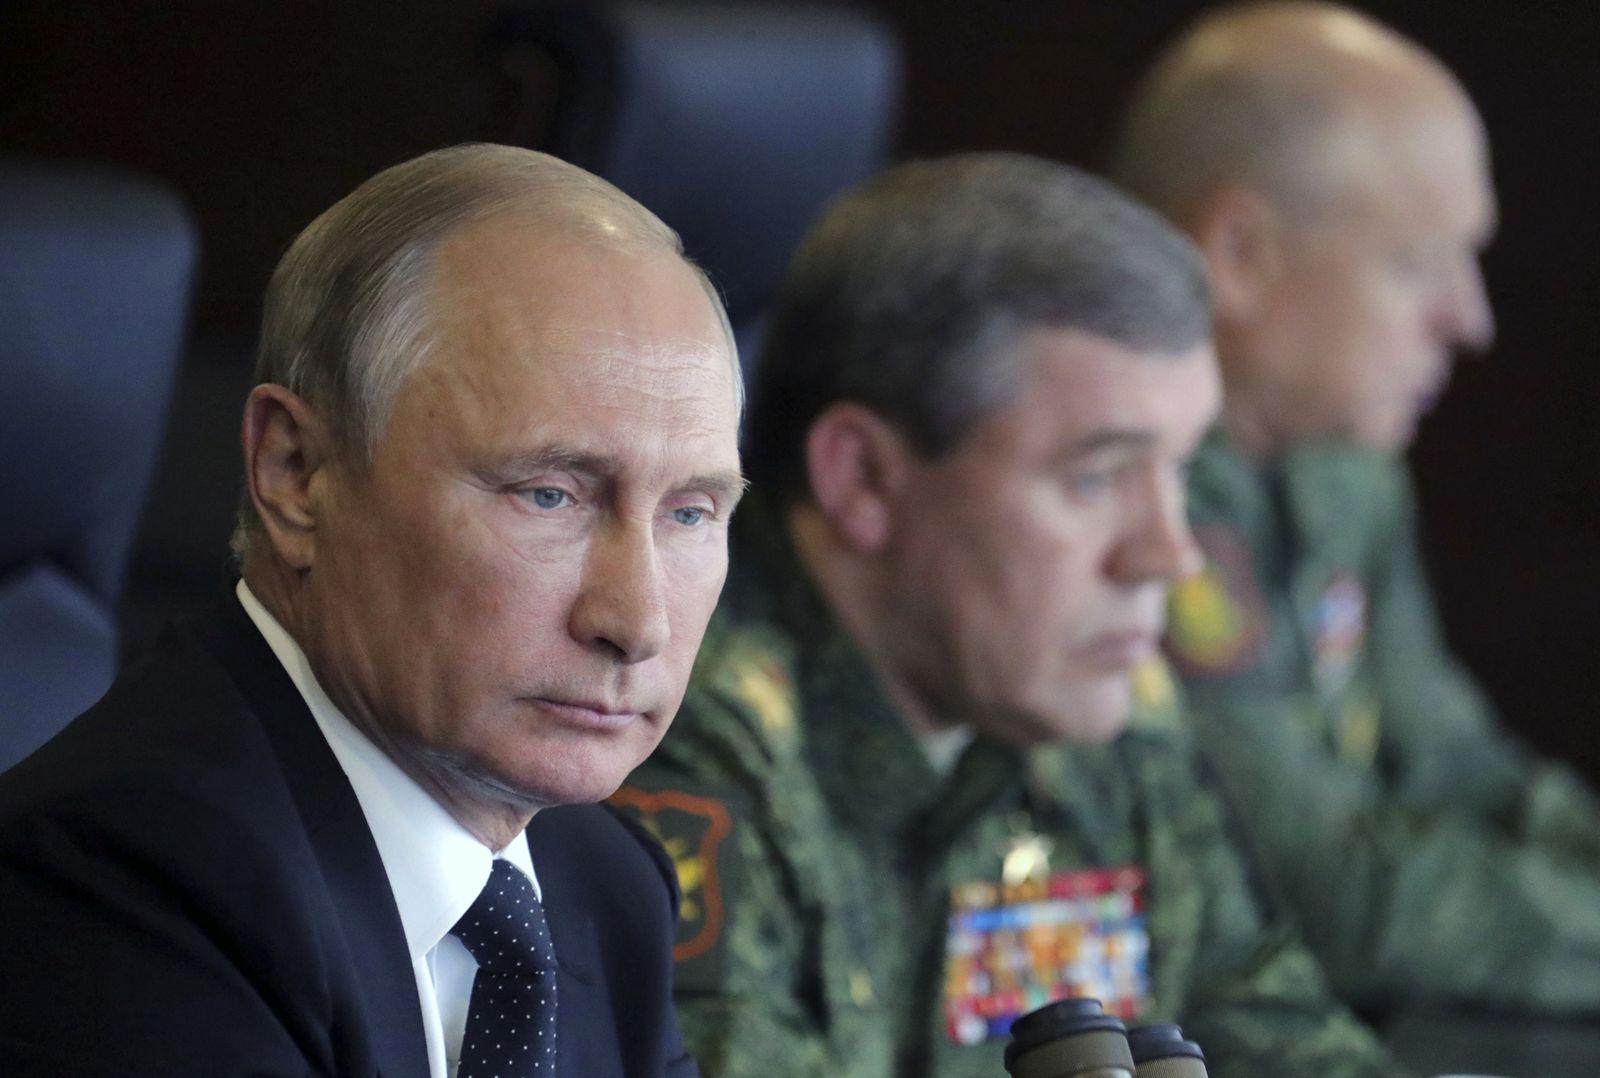 Putin / Generäle